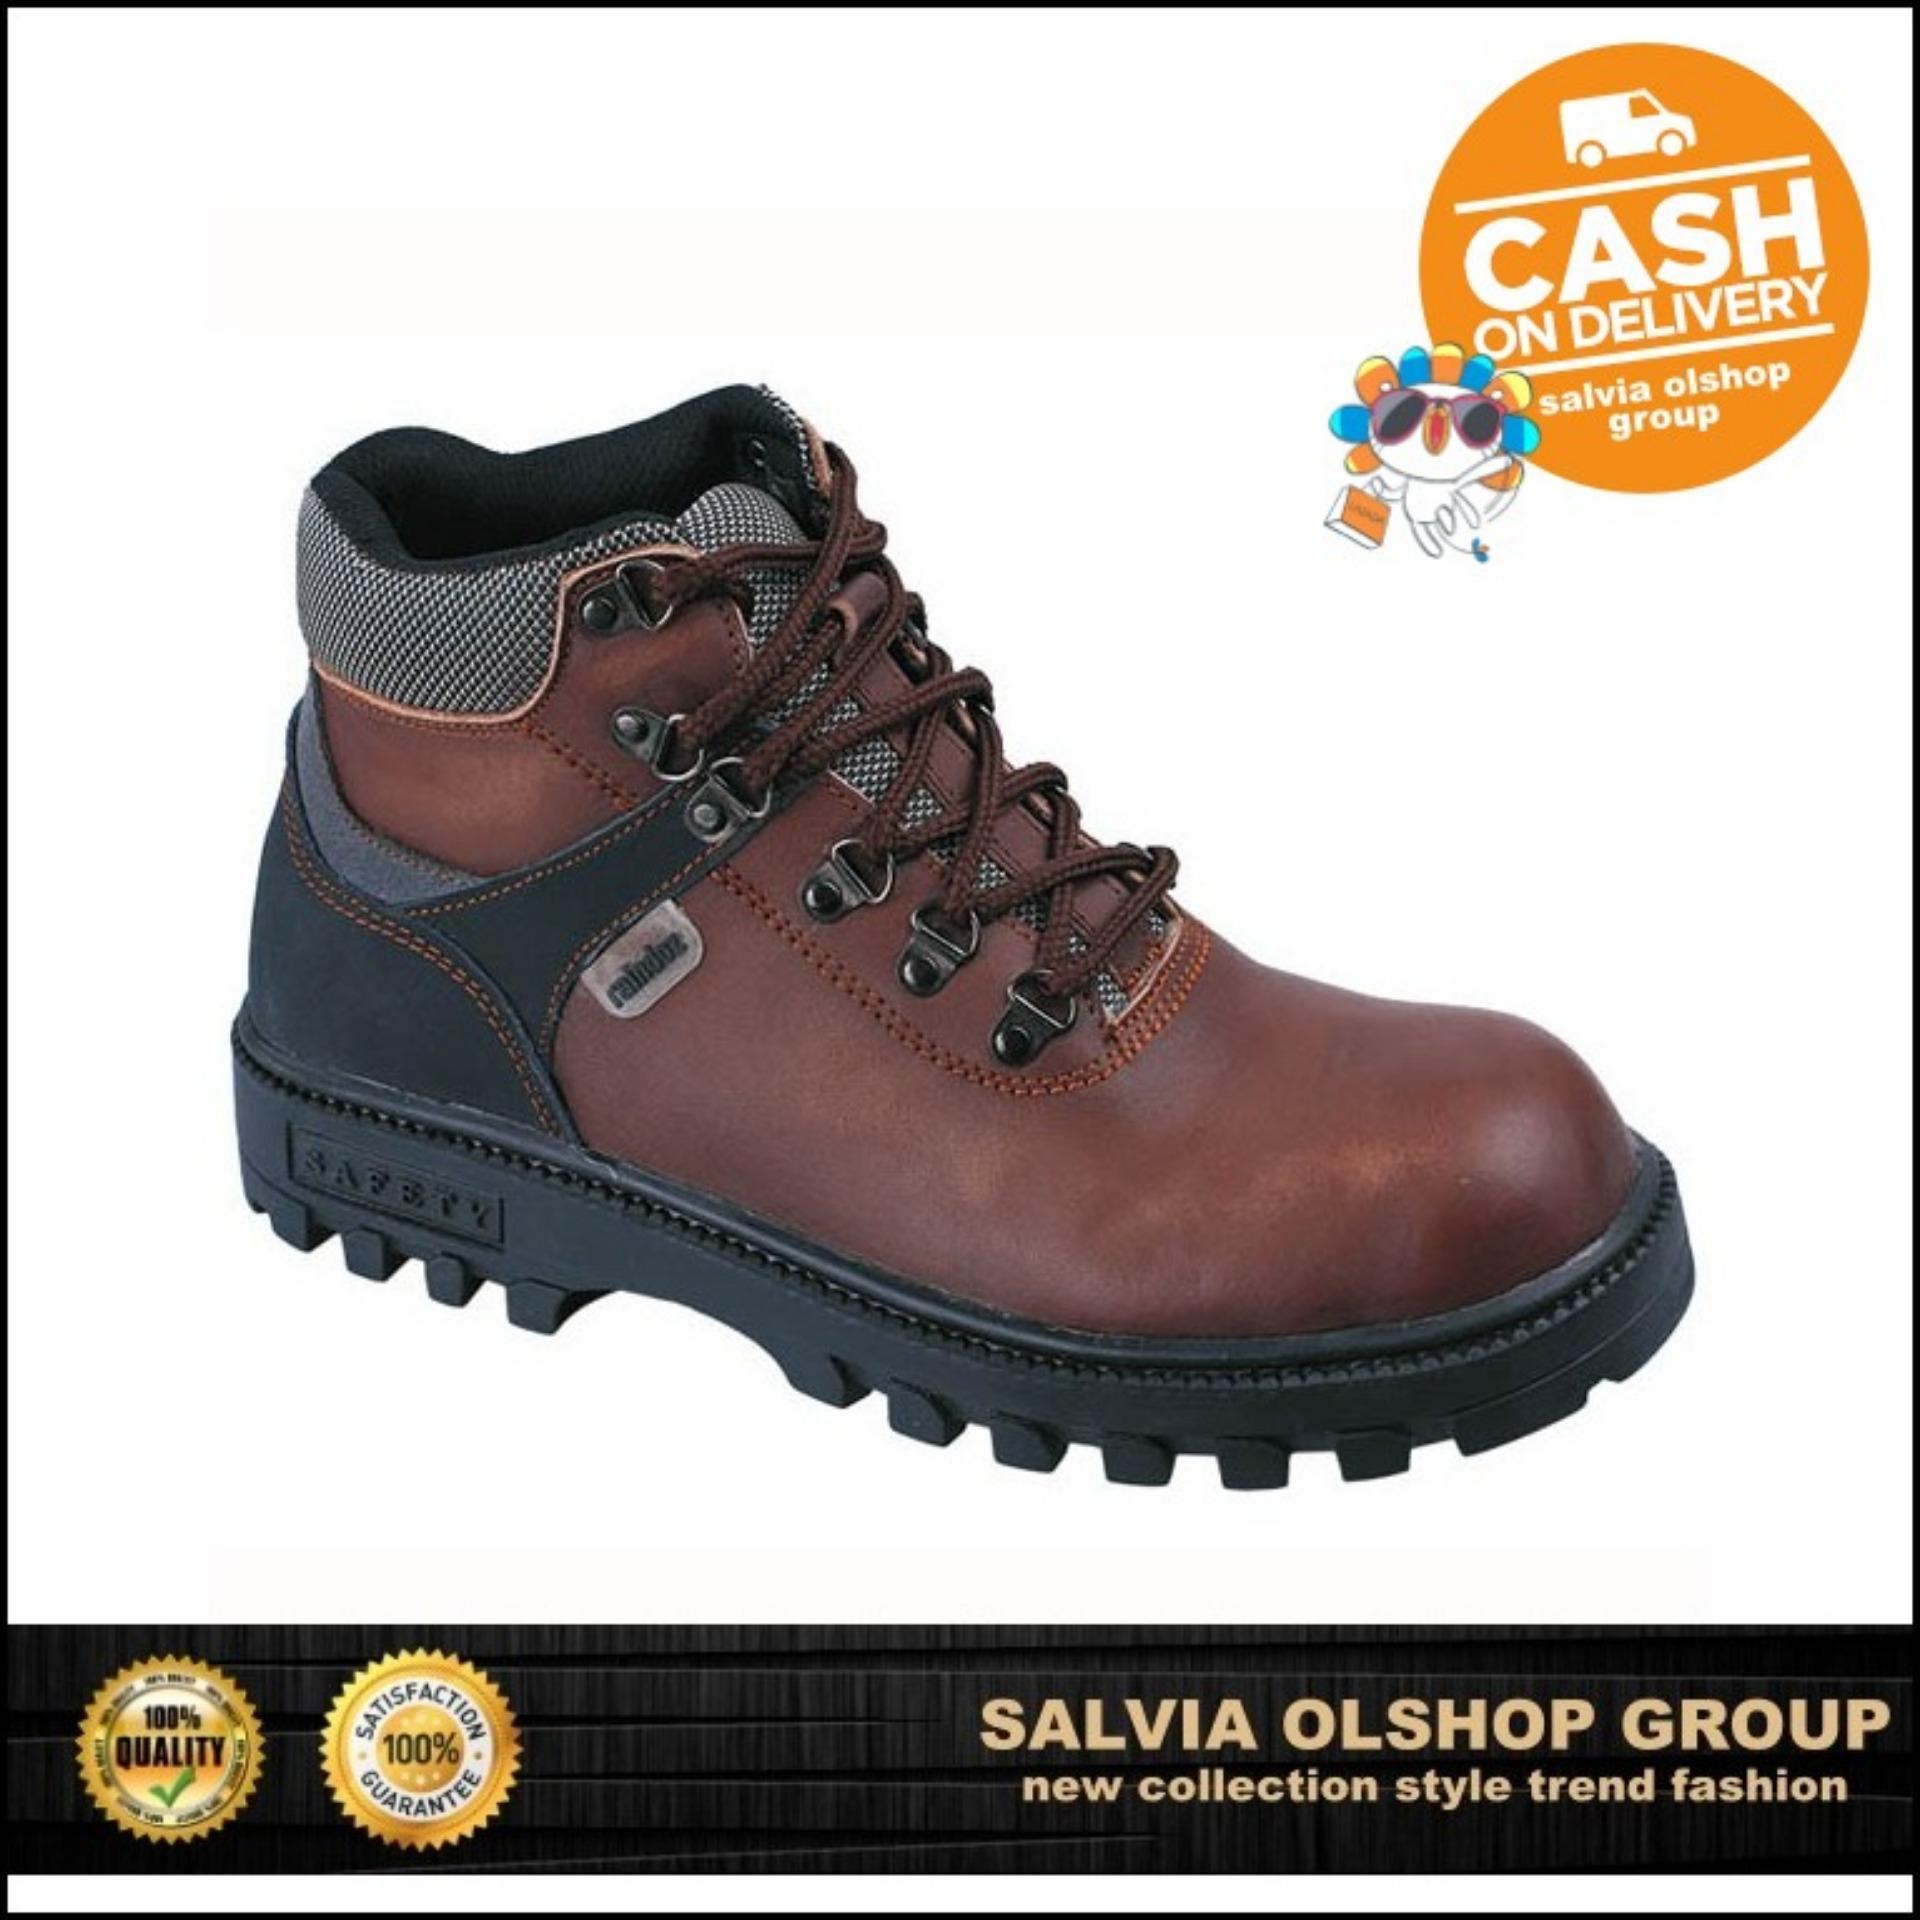 Raindoz Sepatu Hiking Keren Dan Kuat Serta Berkualitas RLI 012 - Coklat 78929de97f